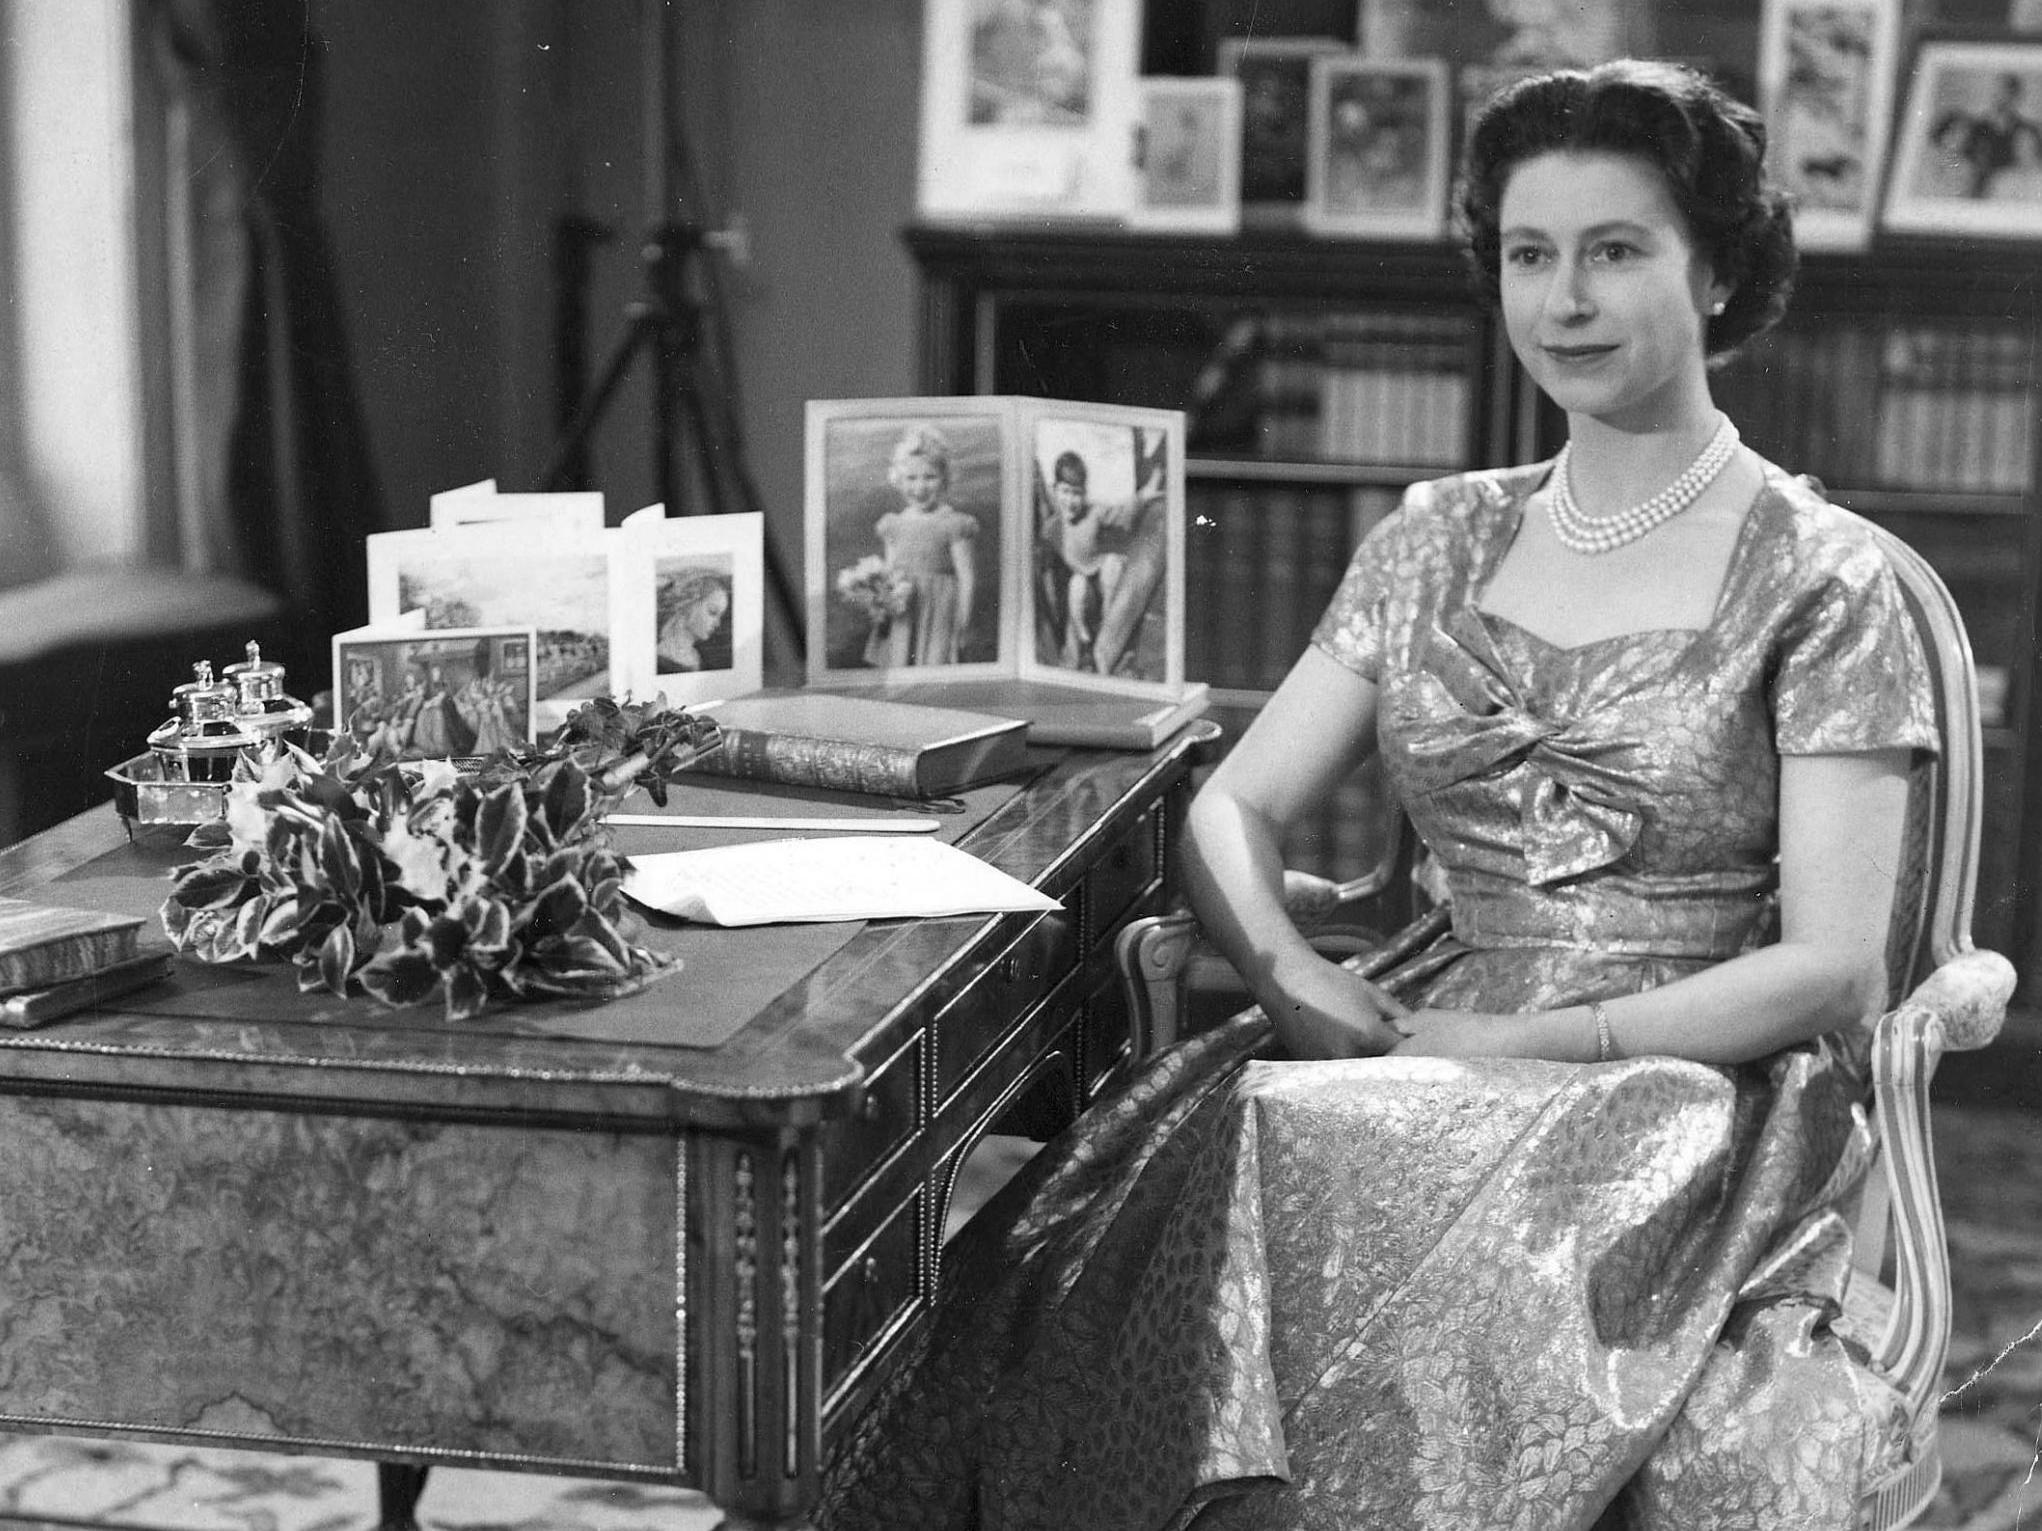 Kraliçe Elizabeth'i soyan hırsız personel cezaevine girdi.